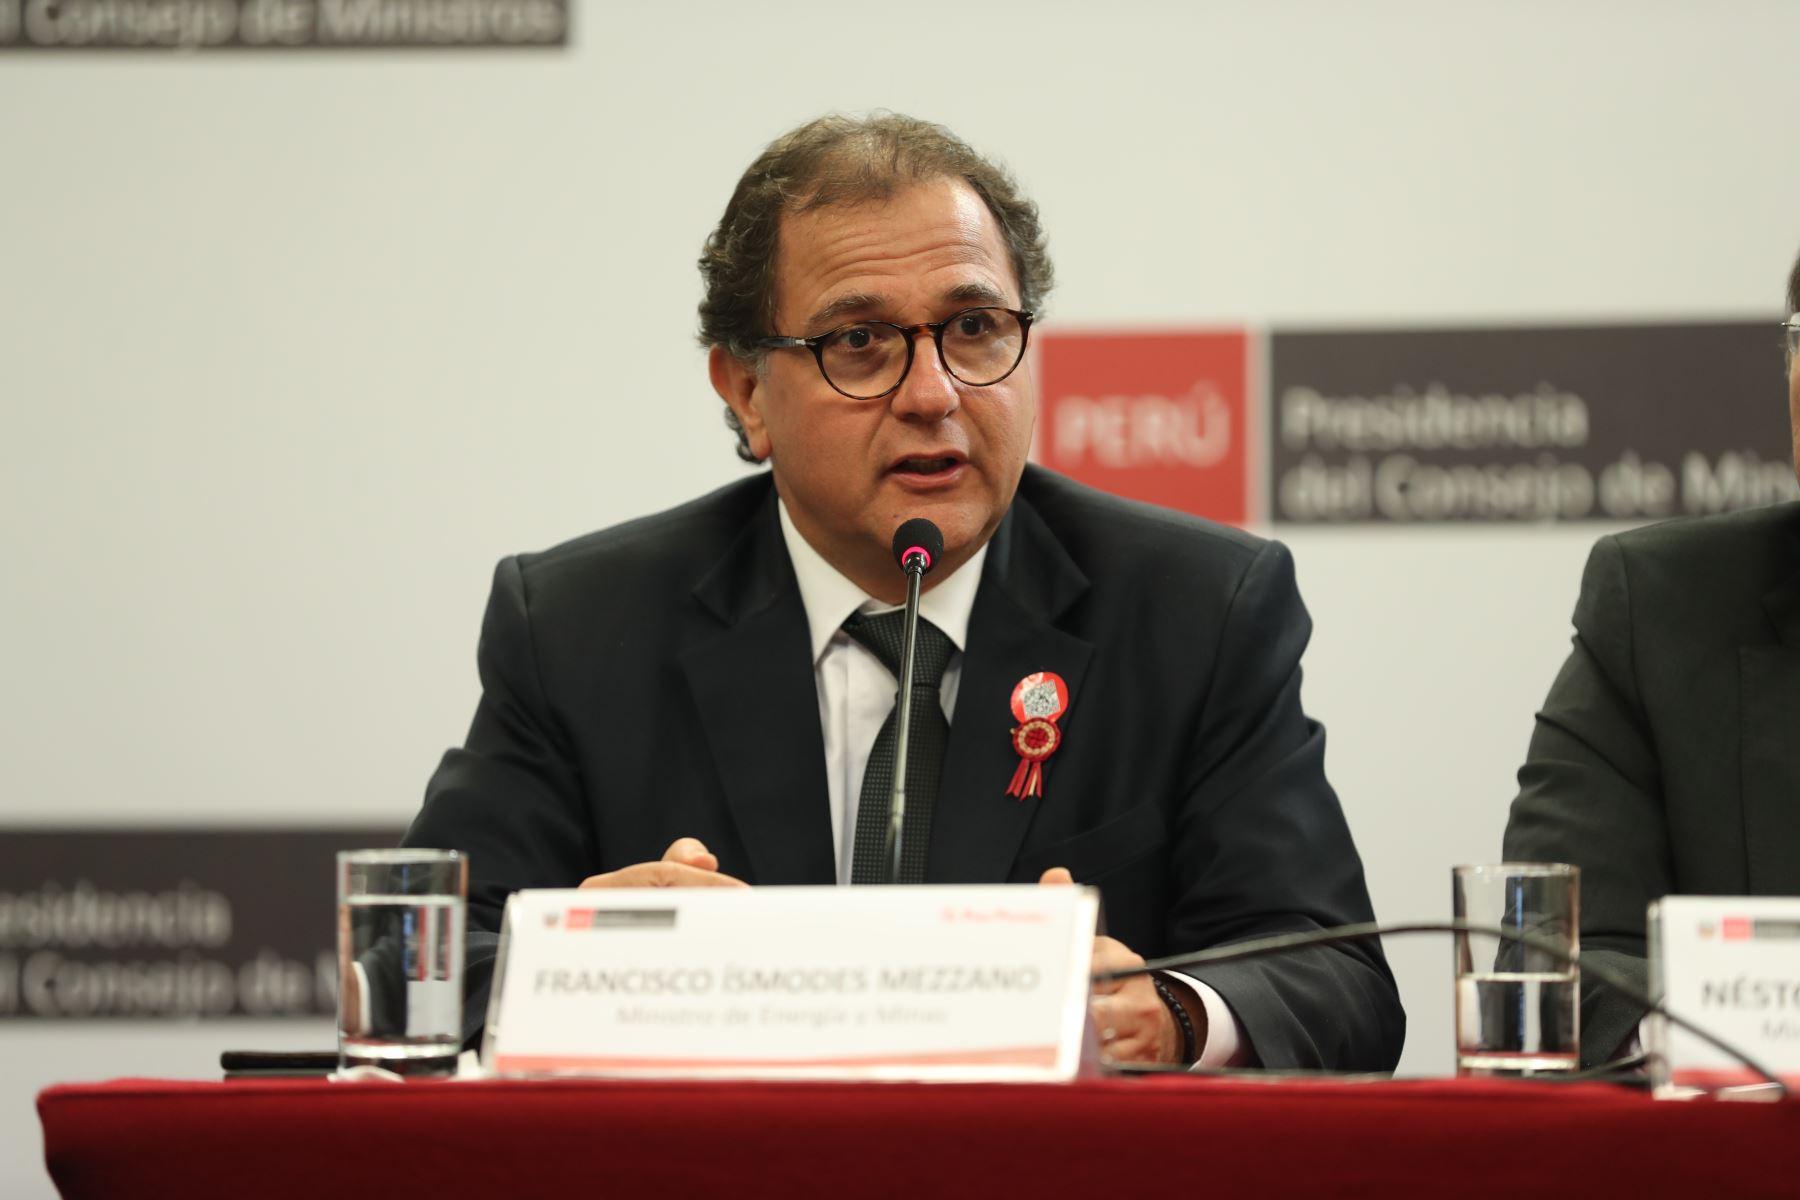 Ministro de Energía y Minas, Francisco Ísmodes, brinda conferencia de prensa para abordar temas de la coyuntura nacional luego de la reunión del Consejo de Ministros. Foto: ANDINA/Prensa Presidencia